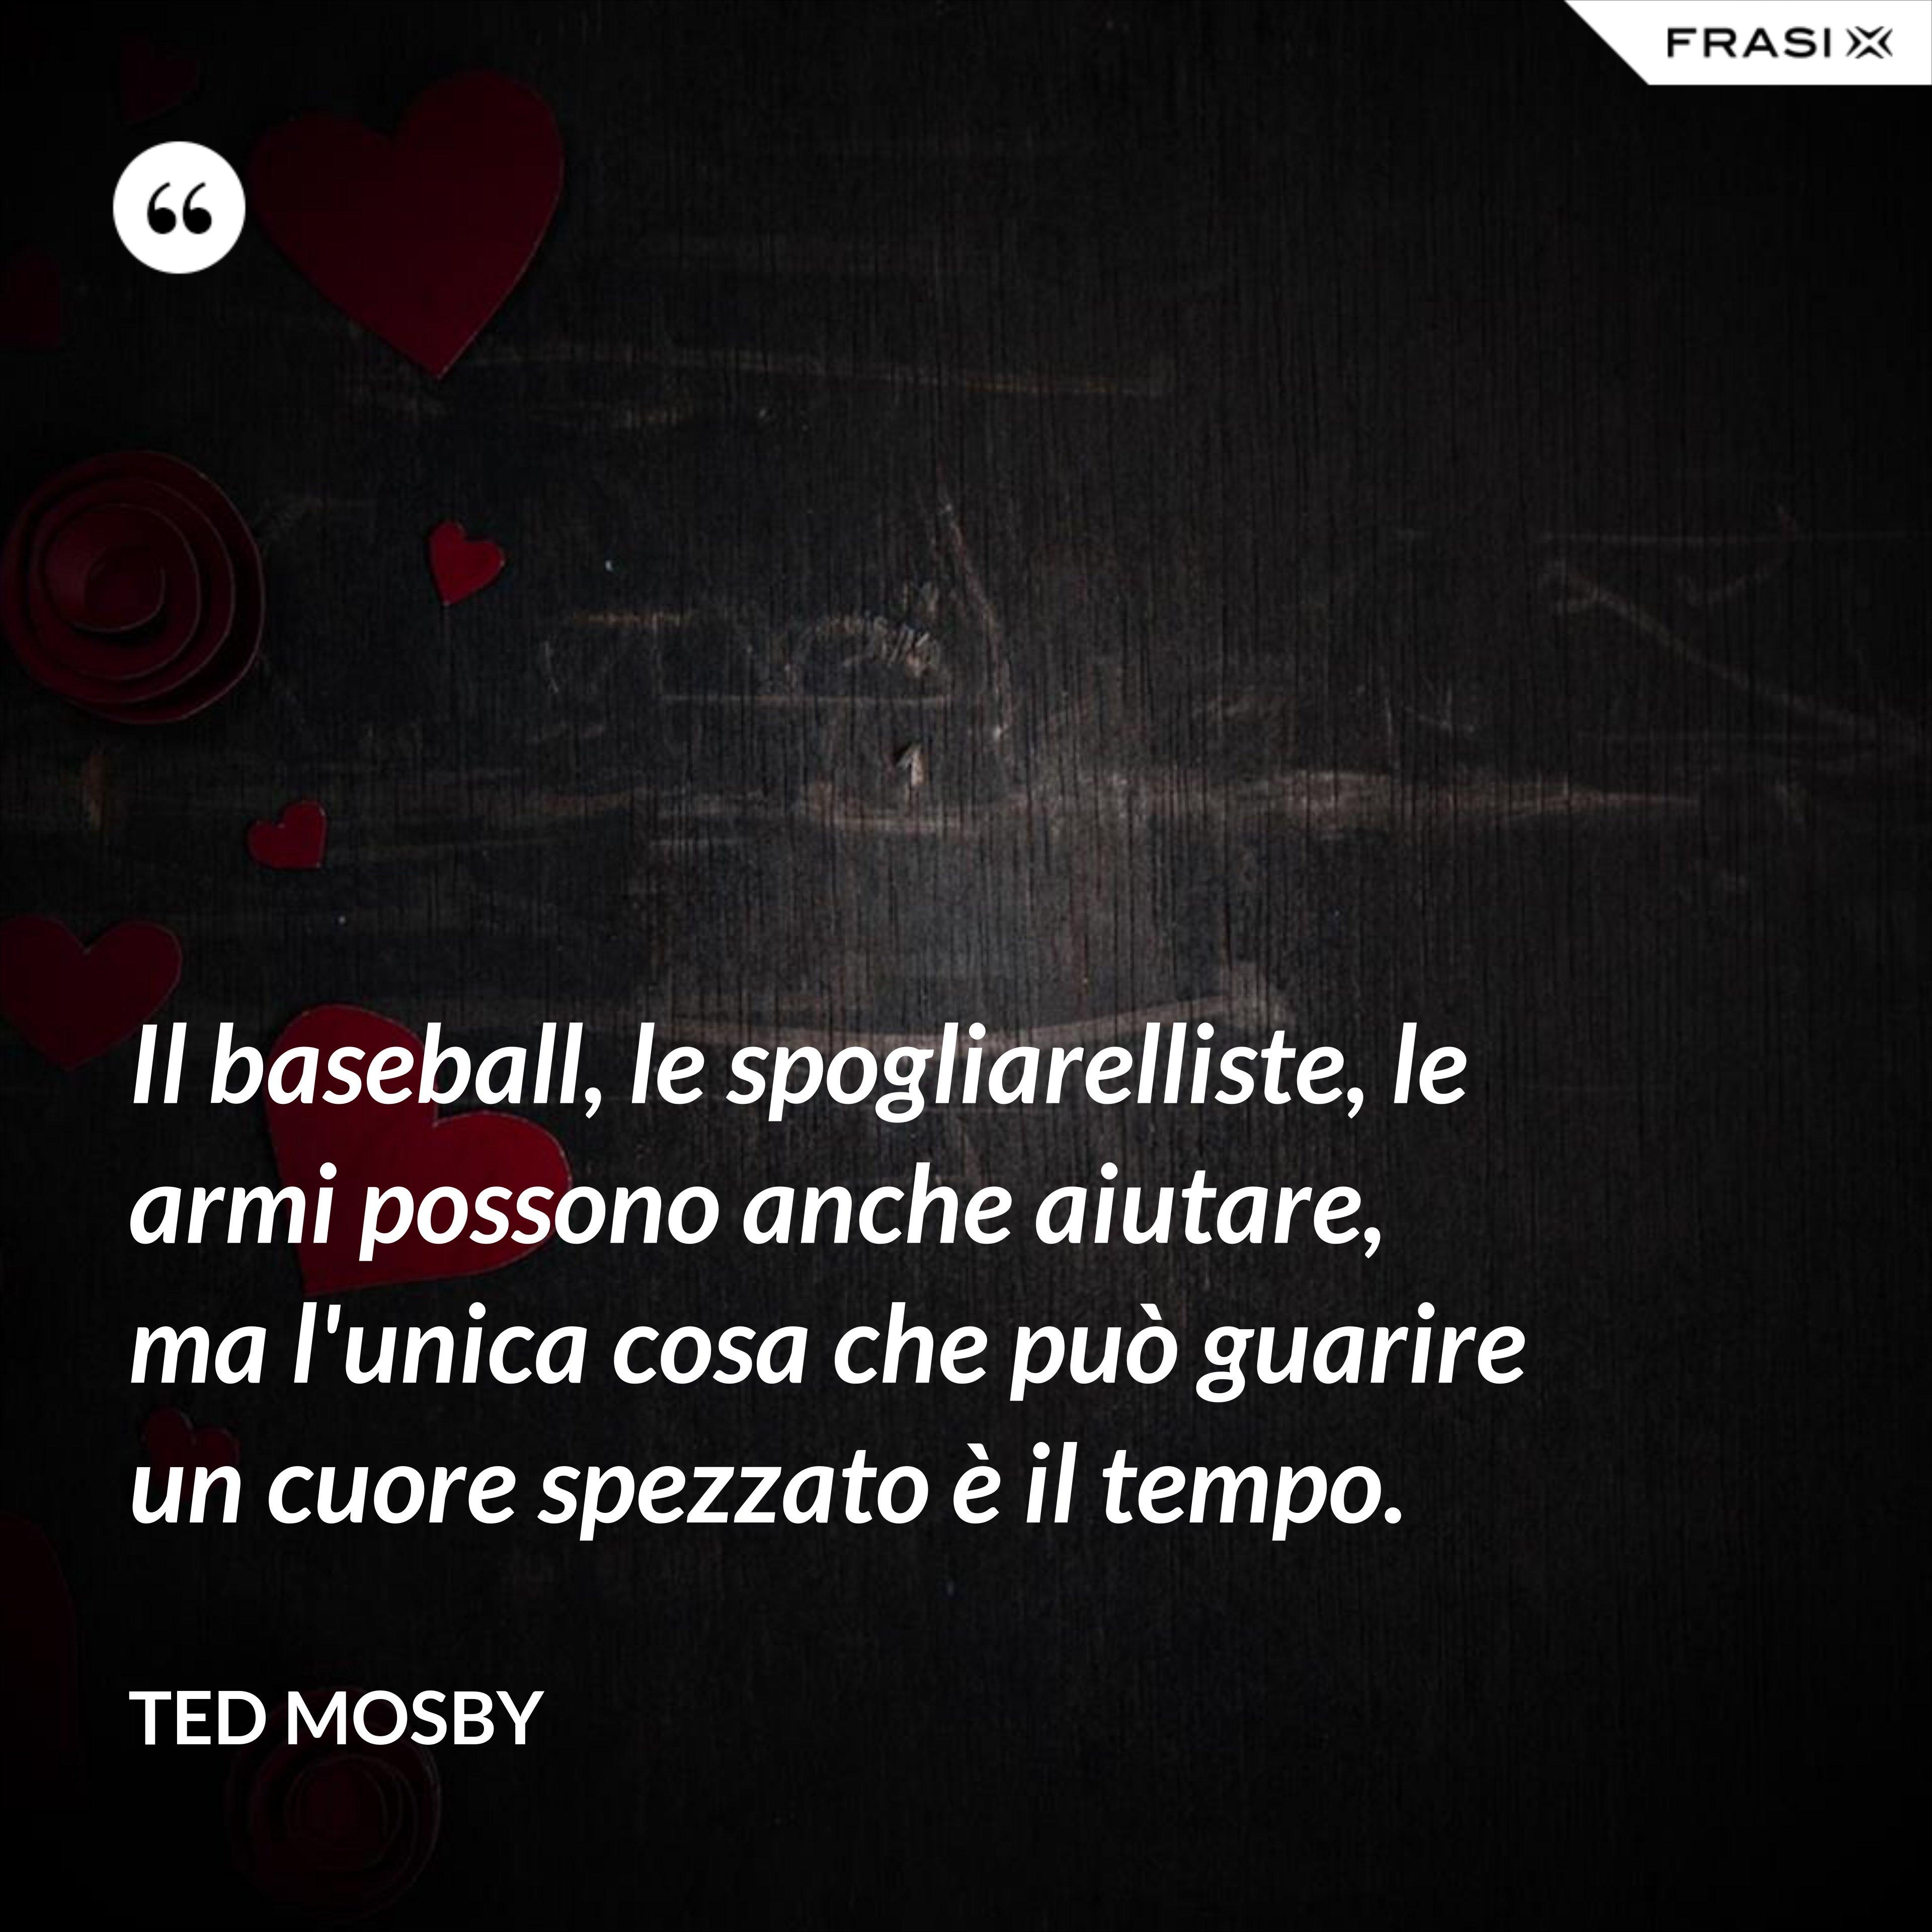 Il baseball, le spogliarelliste, le armi possono anche aiutare, ma l'unica cosa che può guarire un cuore spezzato è il tempo. - Ted Mosby